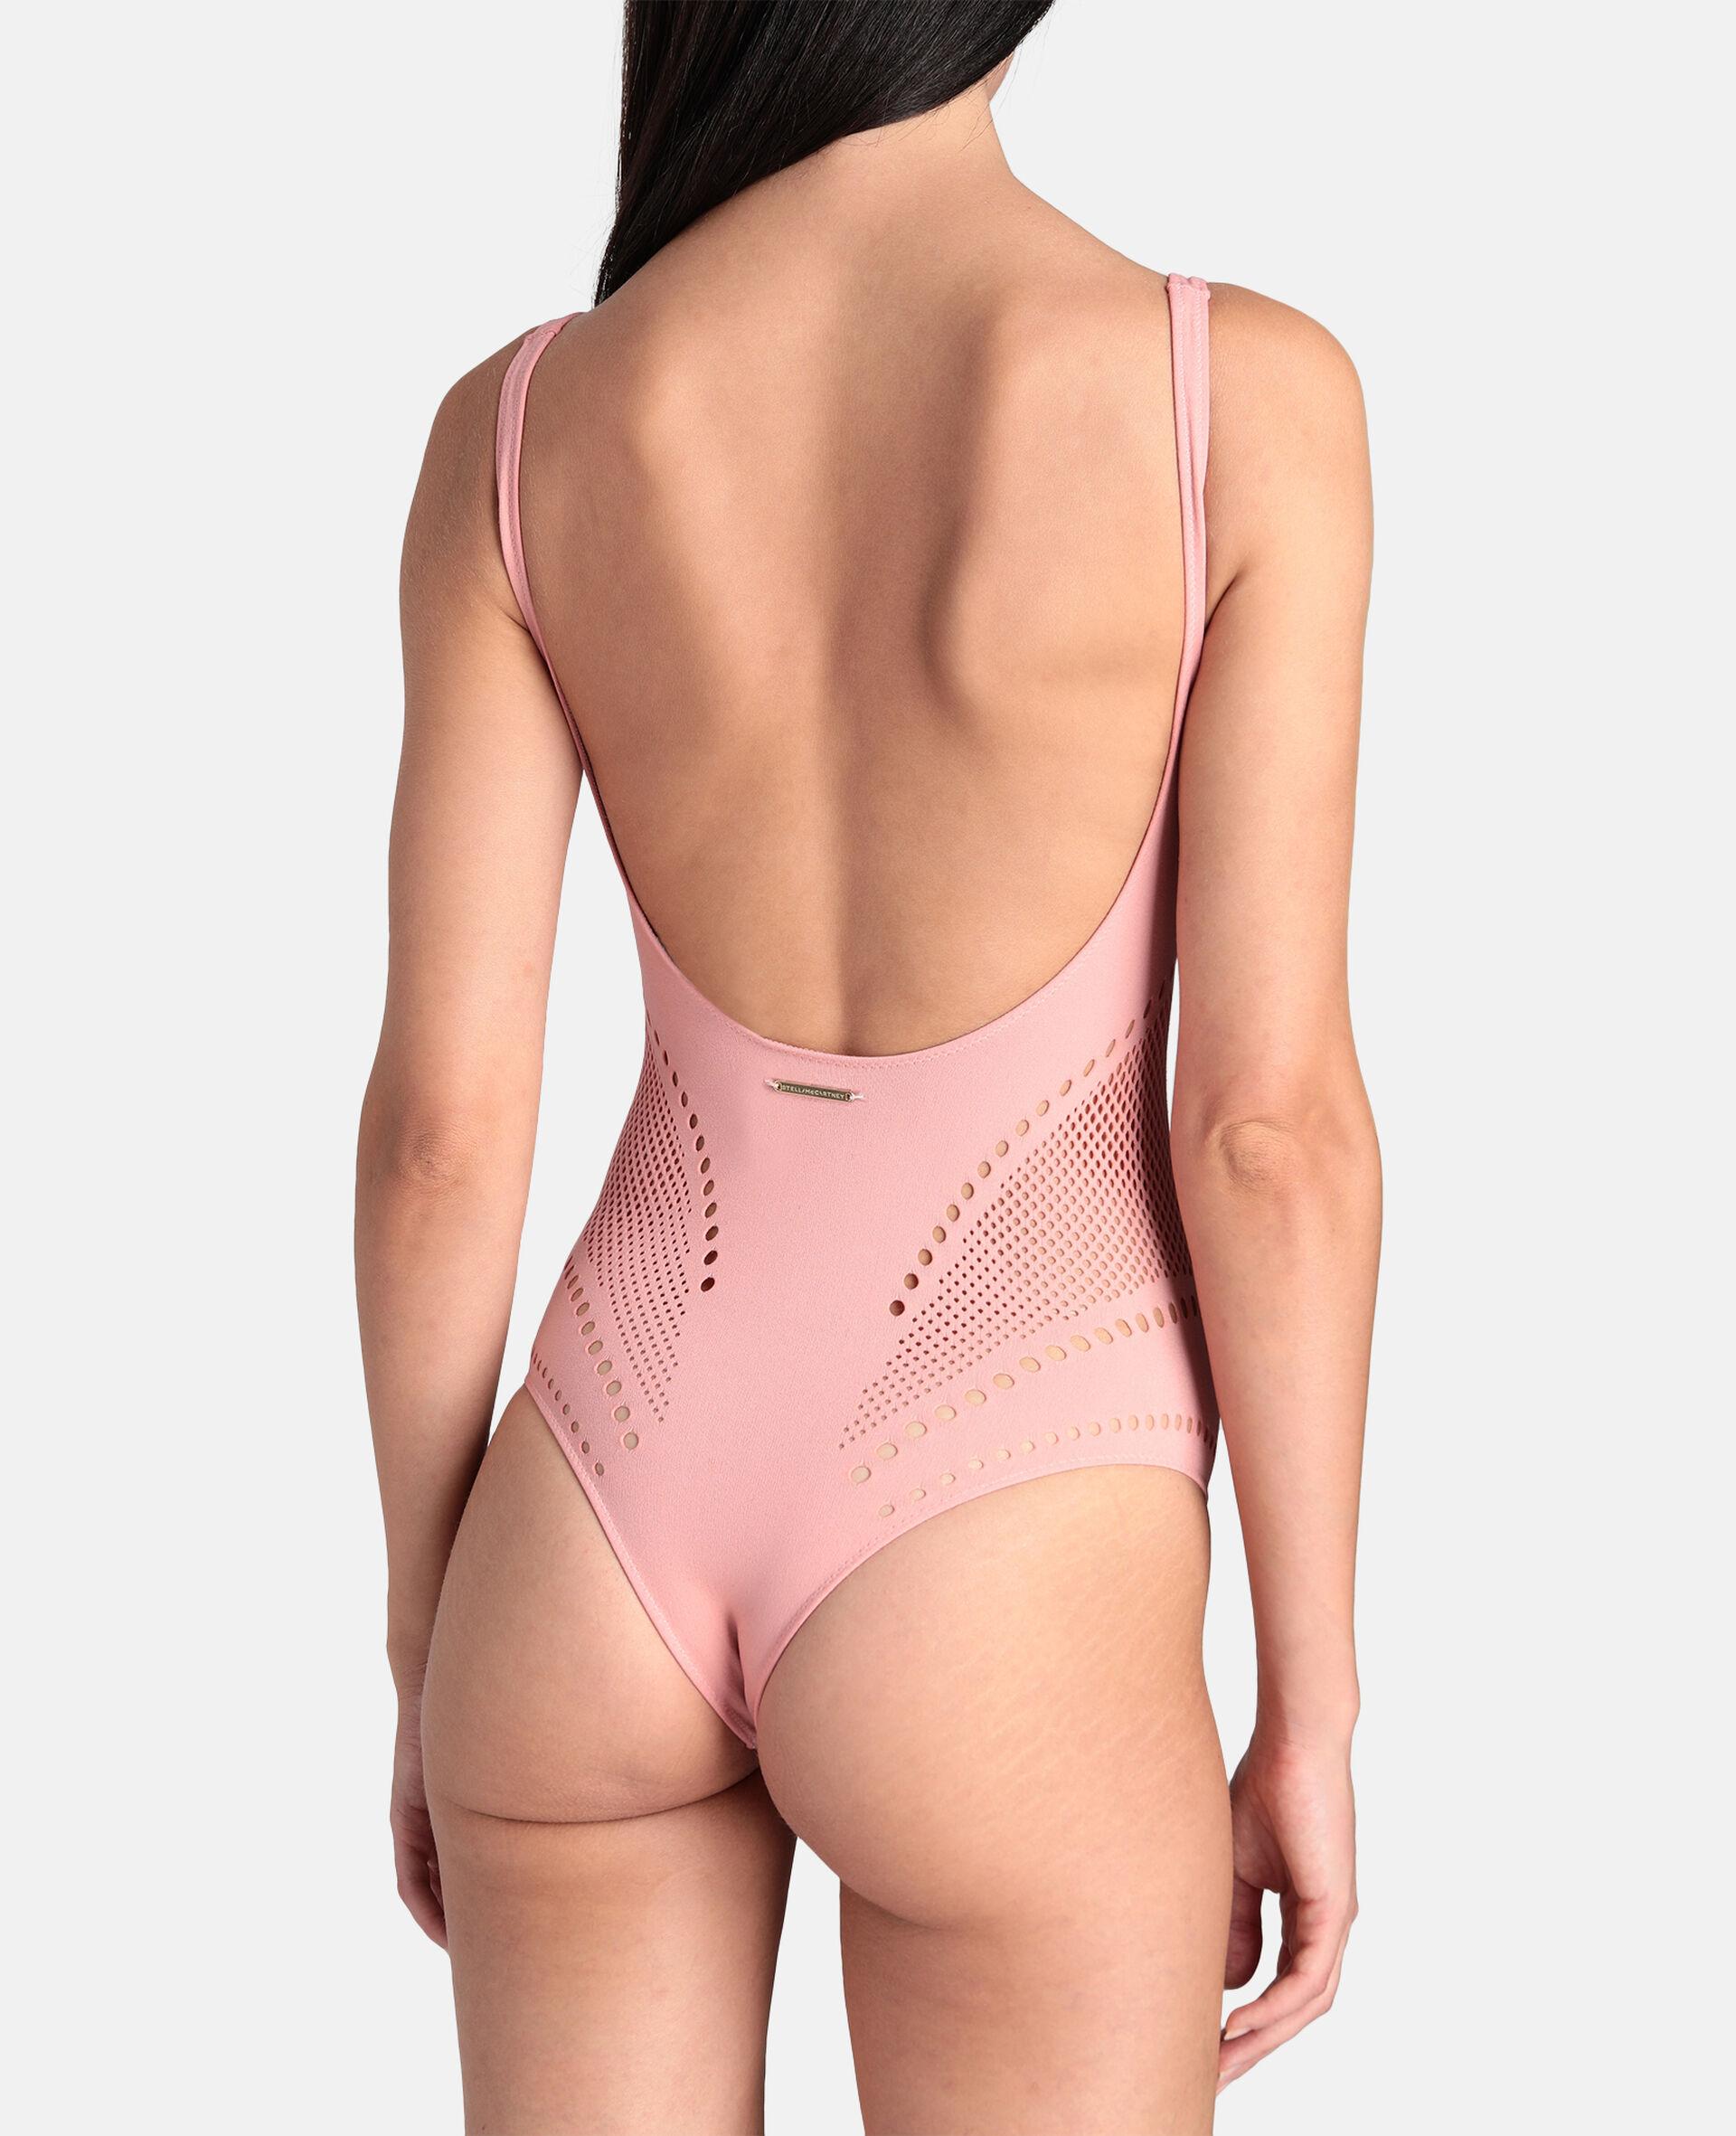 Body Stellawear-Rose-large image number 2